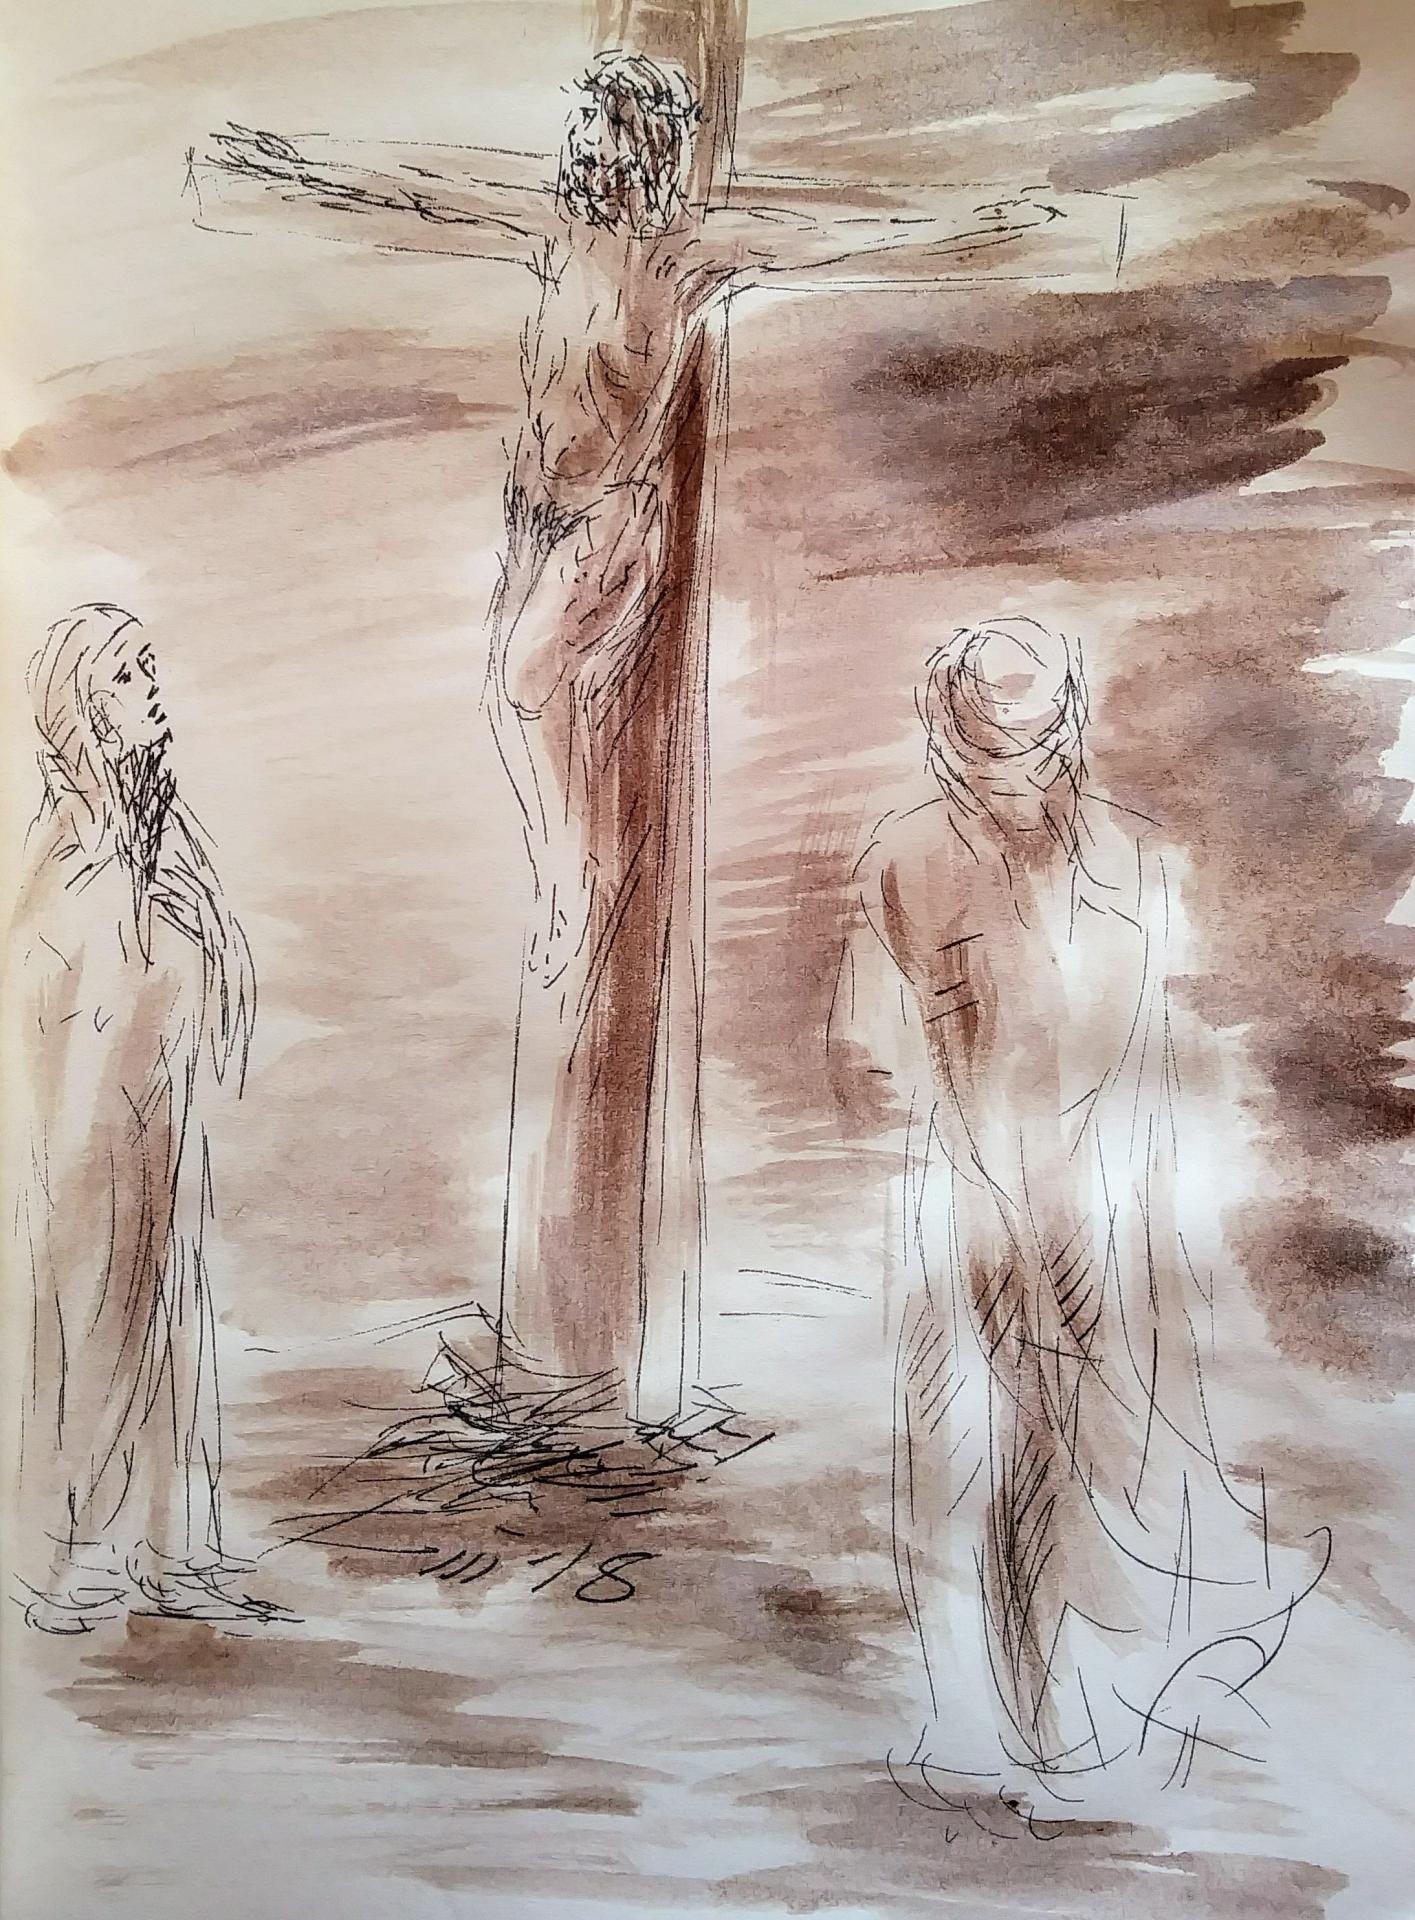 12 chemin de croix douzième station jesus meurt sur la croix dessin au lavis de jean joseph chevalier